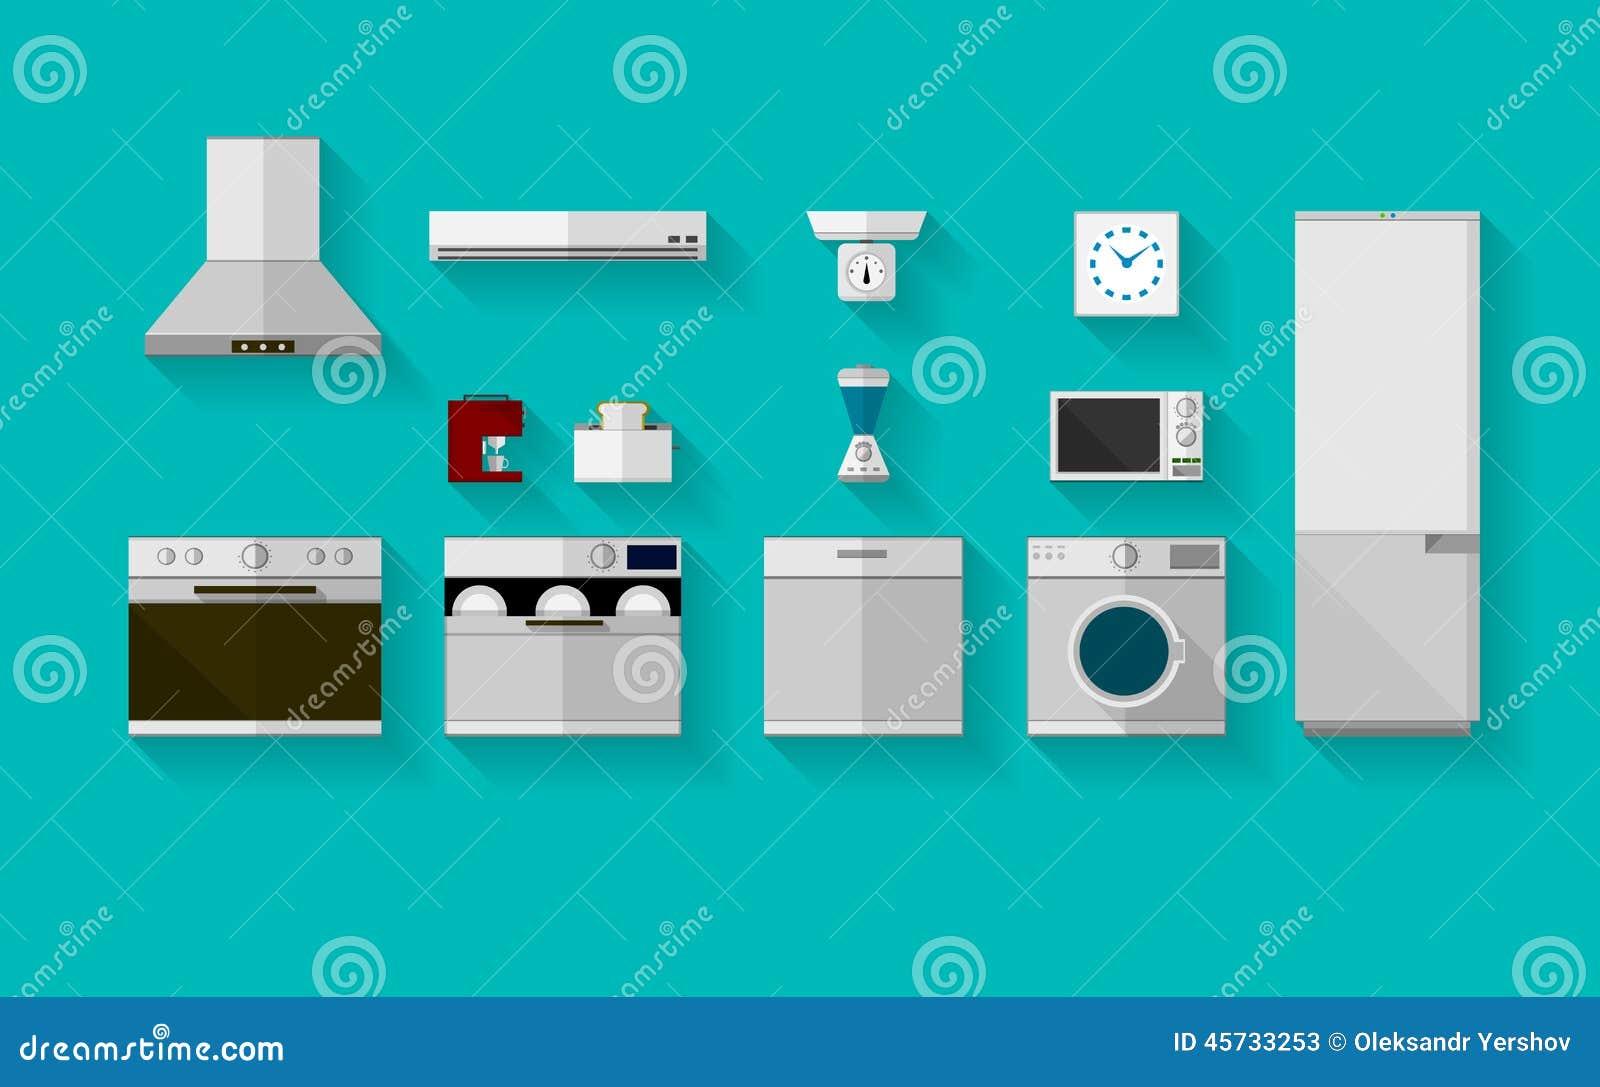 iconos planos para los dispositivos de cocina ilustraci n